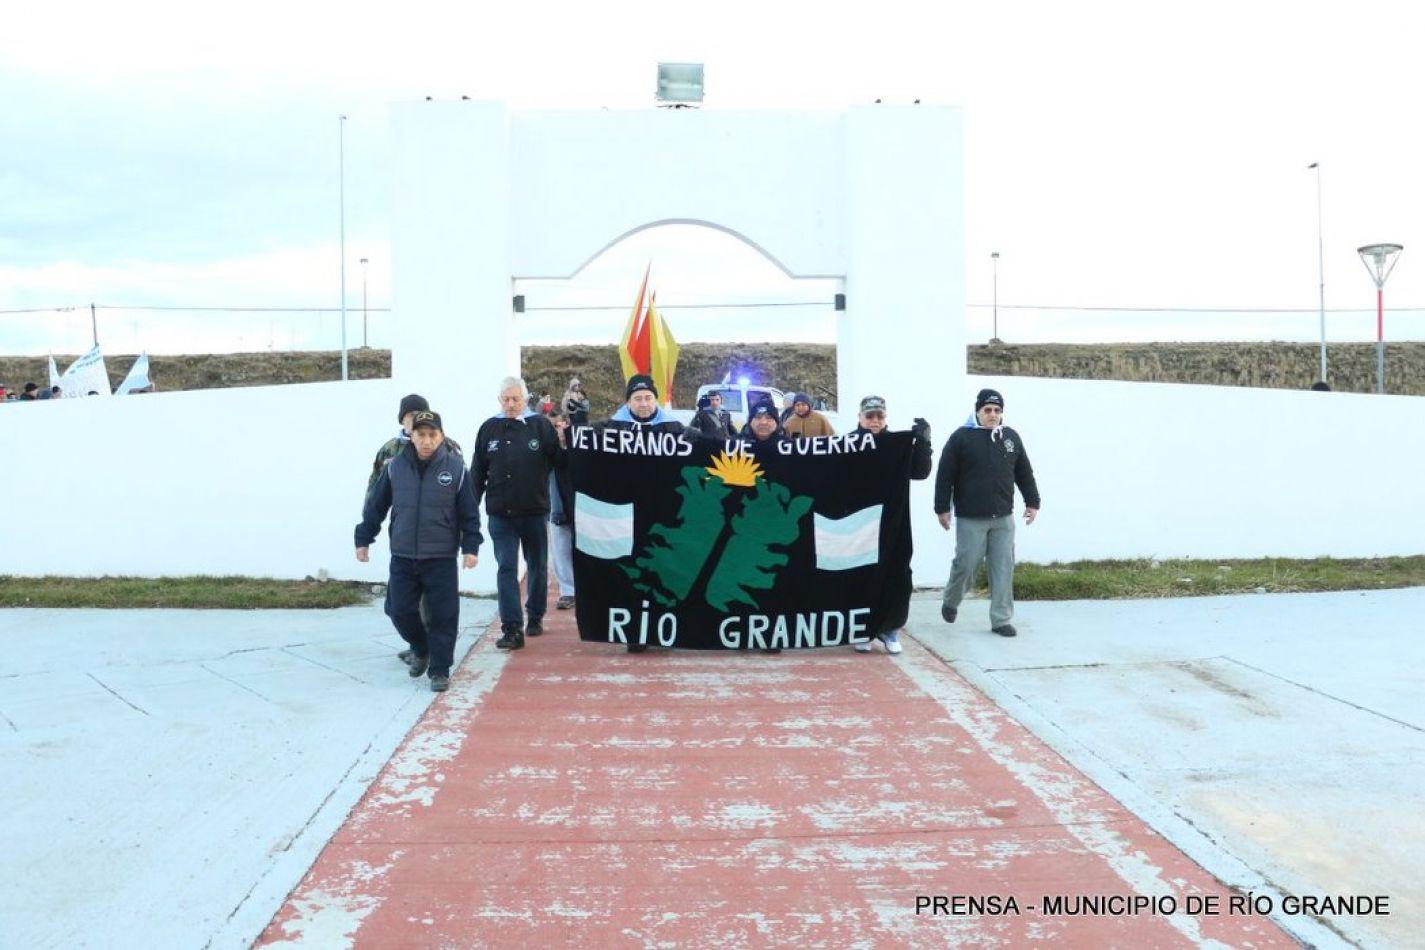 """El Centro de Veteranos de Guerra  """"Héroes de Malvinas"""" convoca a los vecinos a manifestarse"""